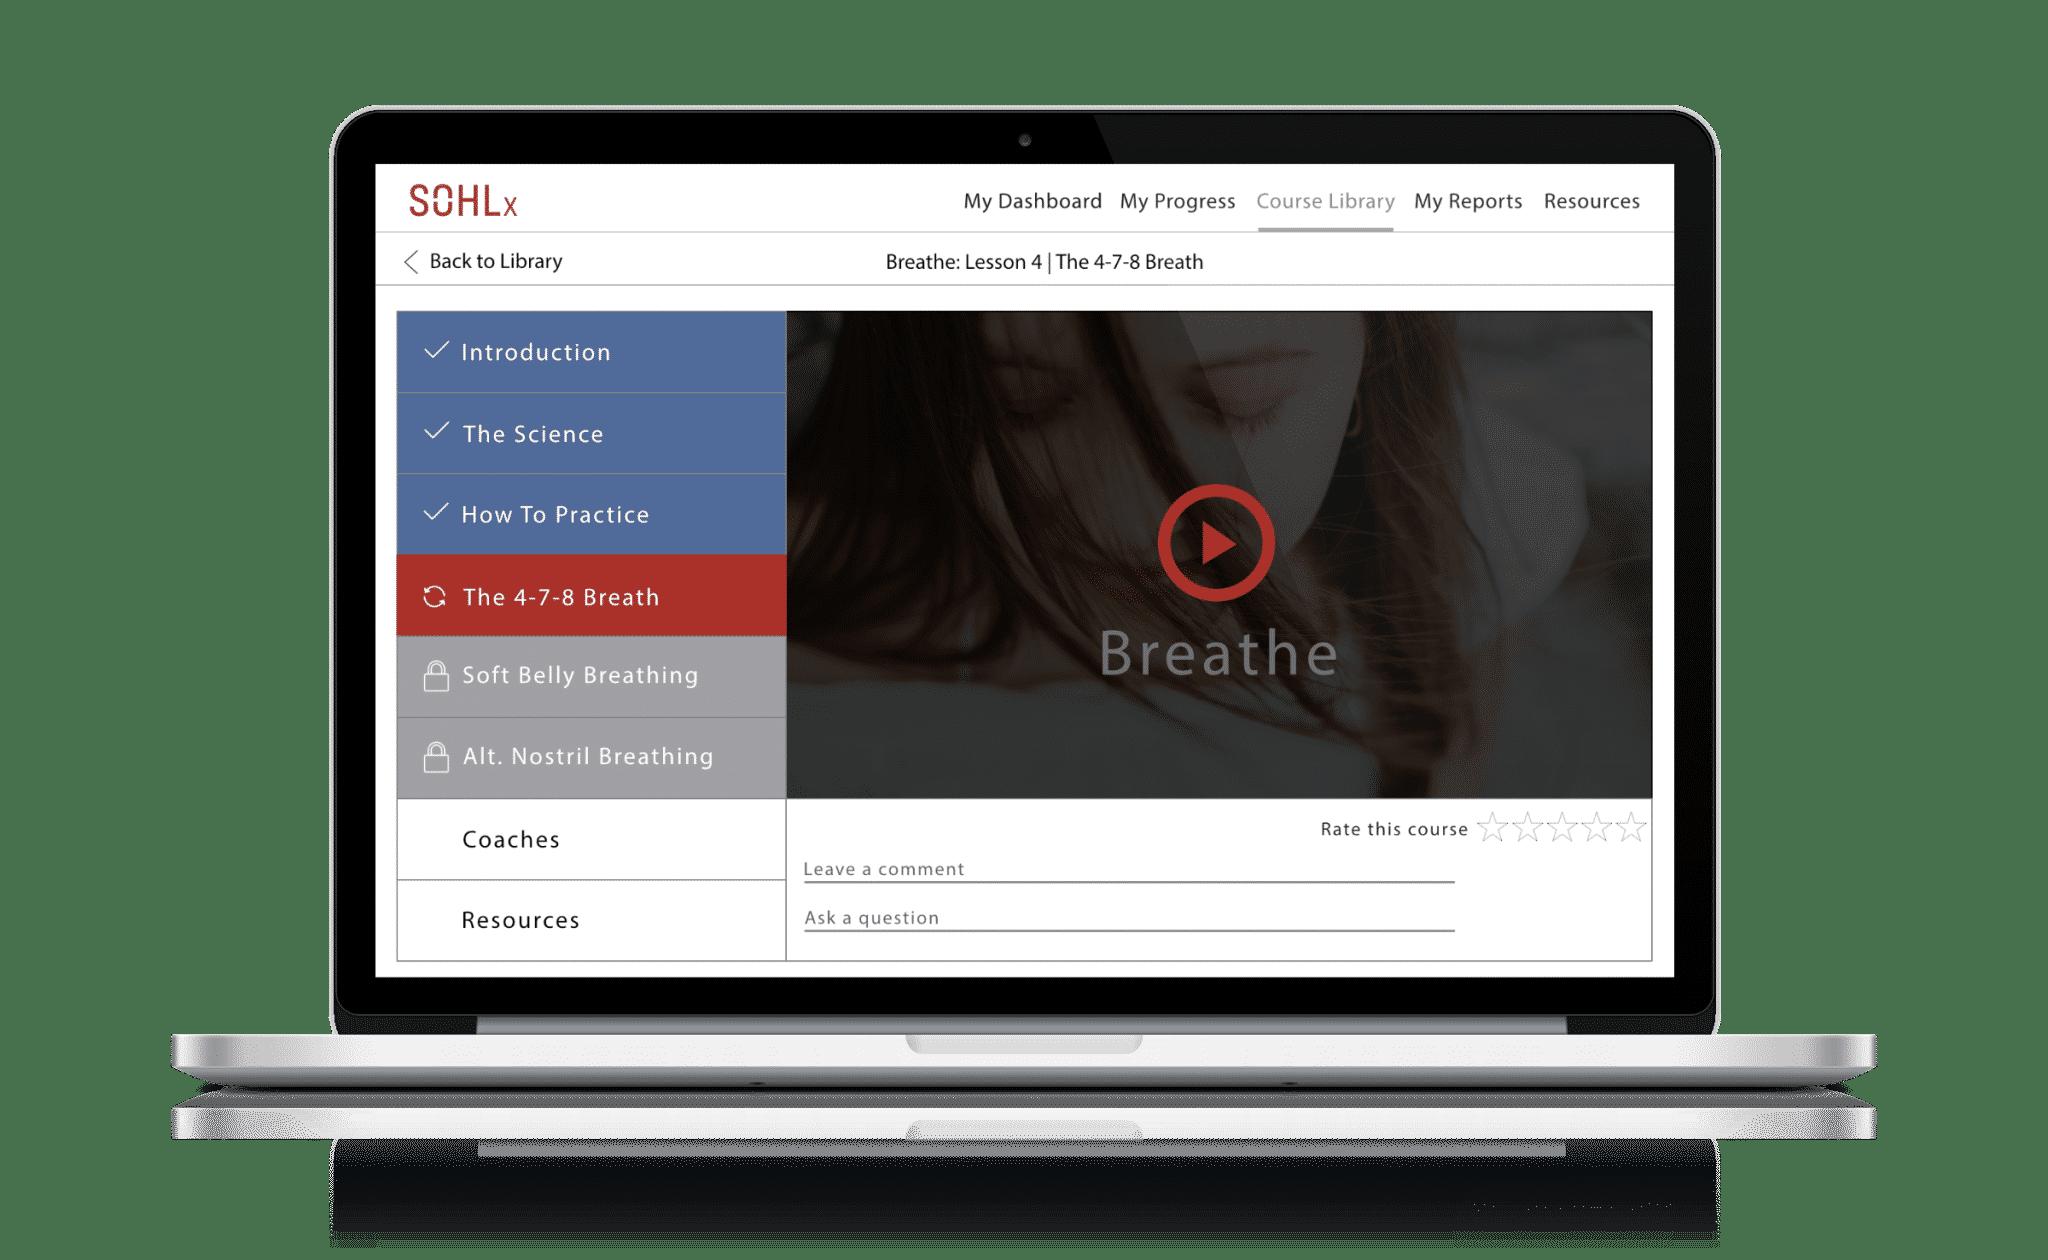 sohlx-course-portfolio-macbook